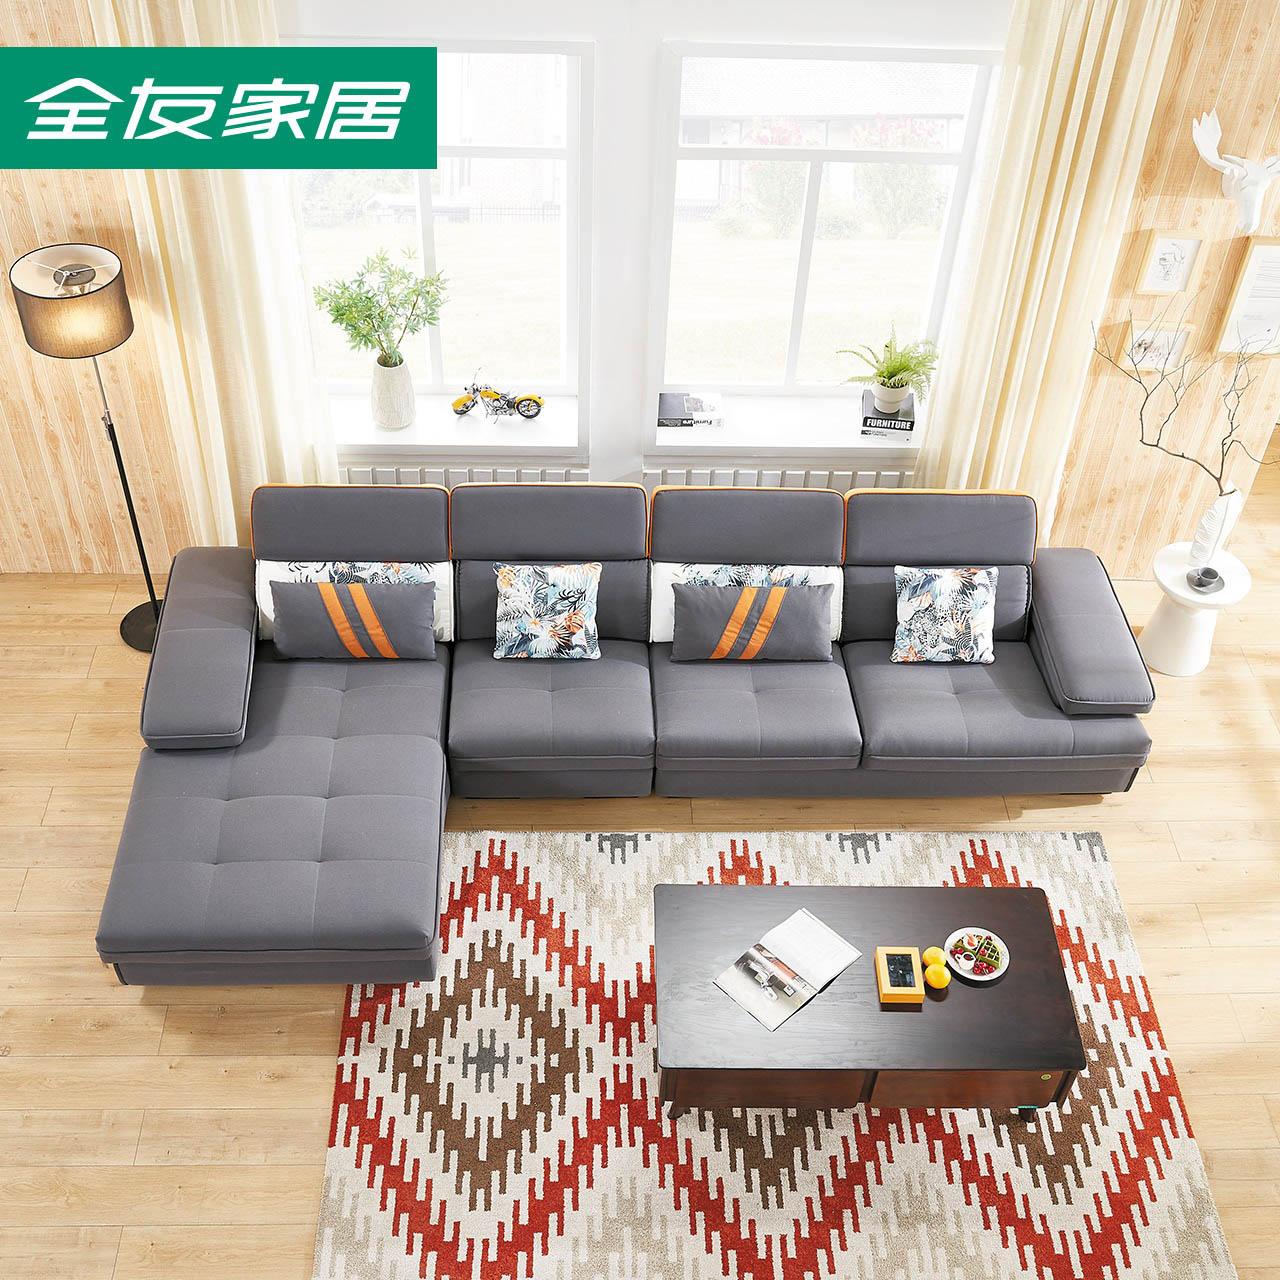 聚全友家居现代时尚沙发简约客厅布艺沙发组合家具L型沙发102229